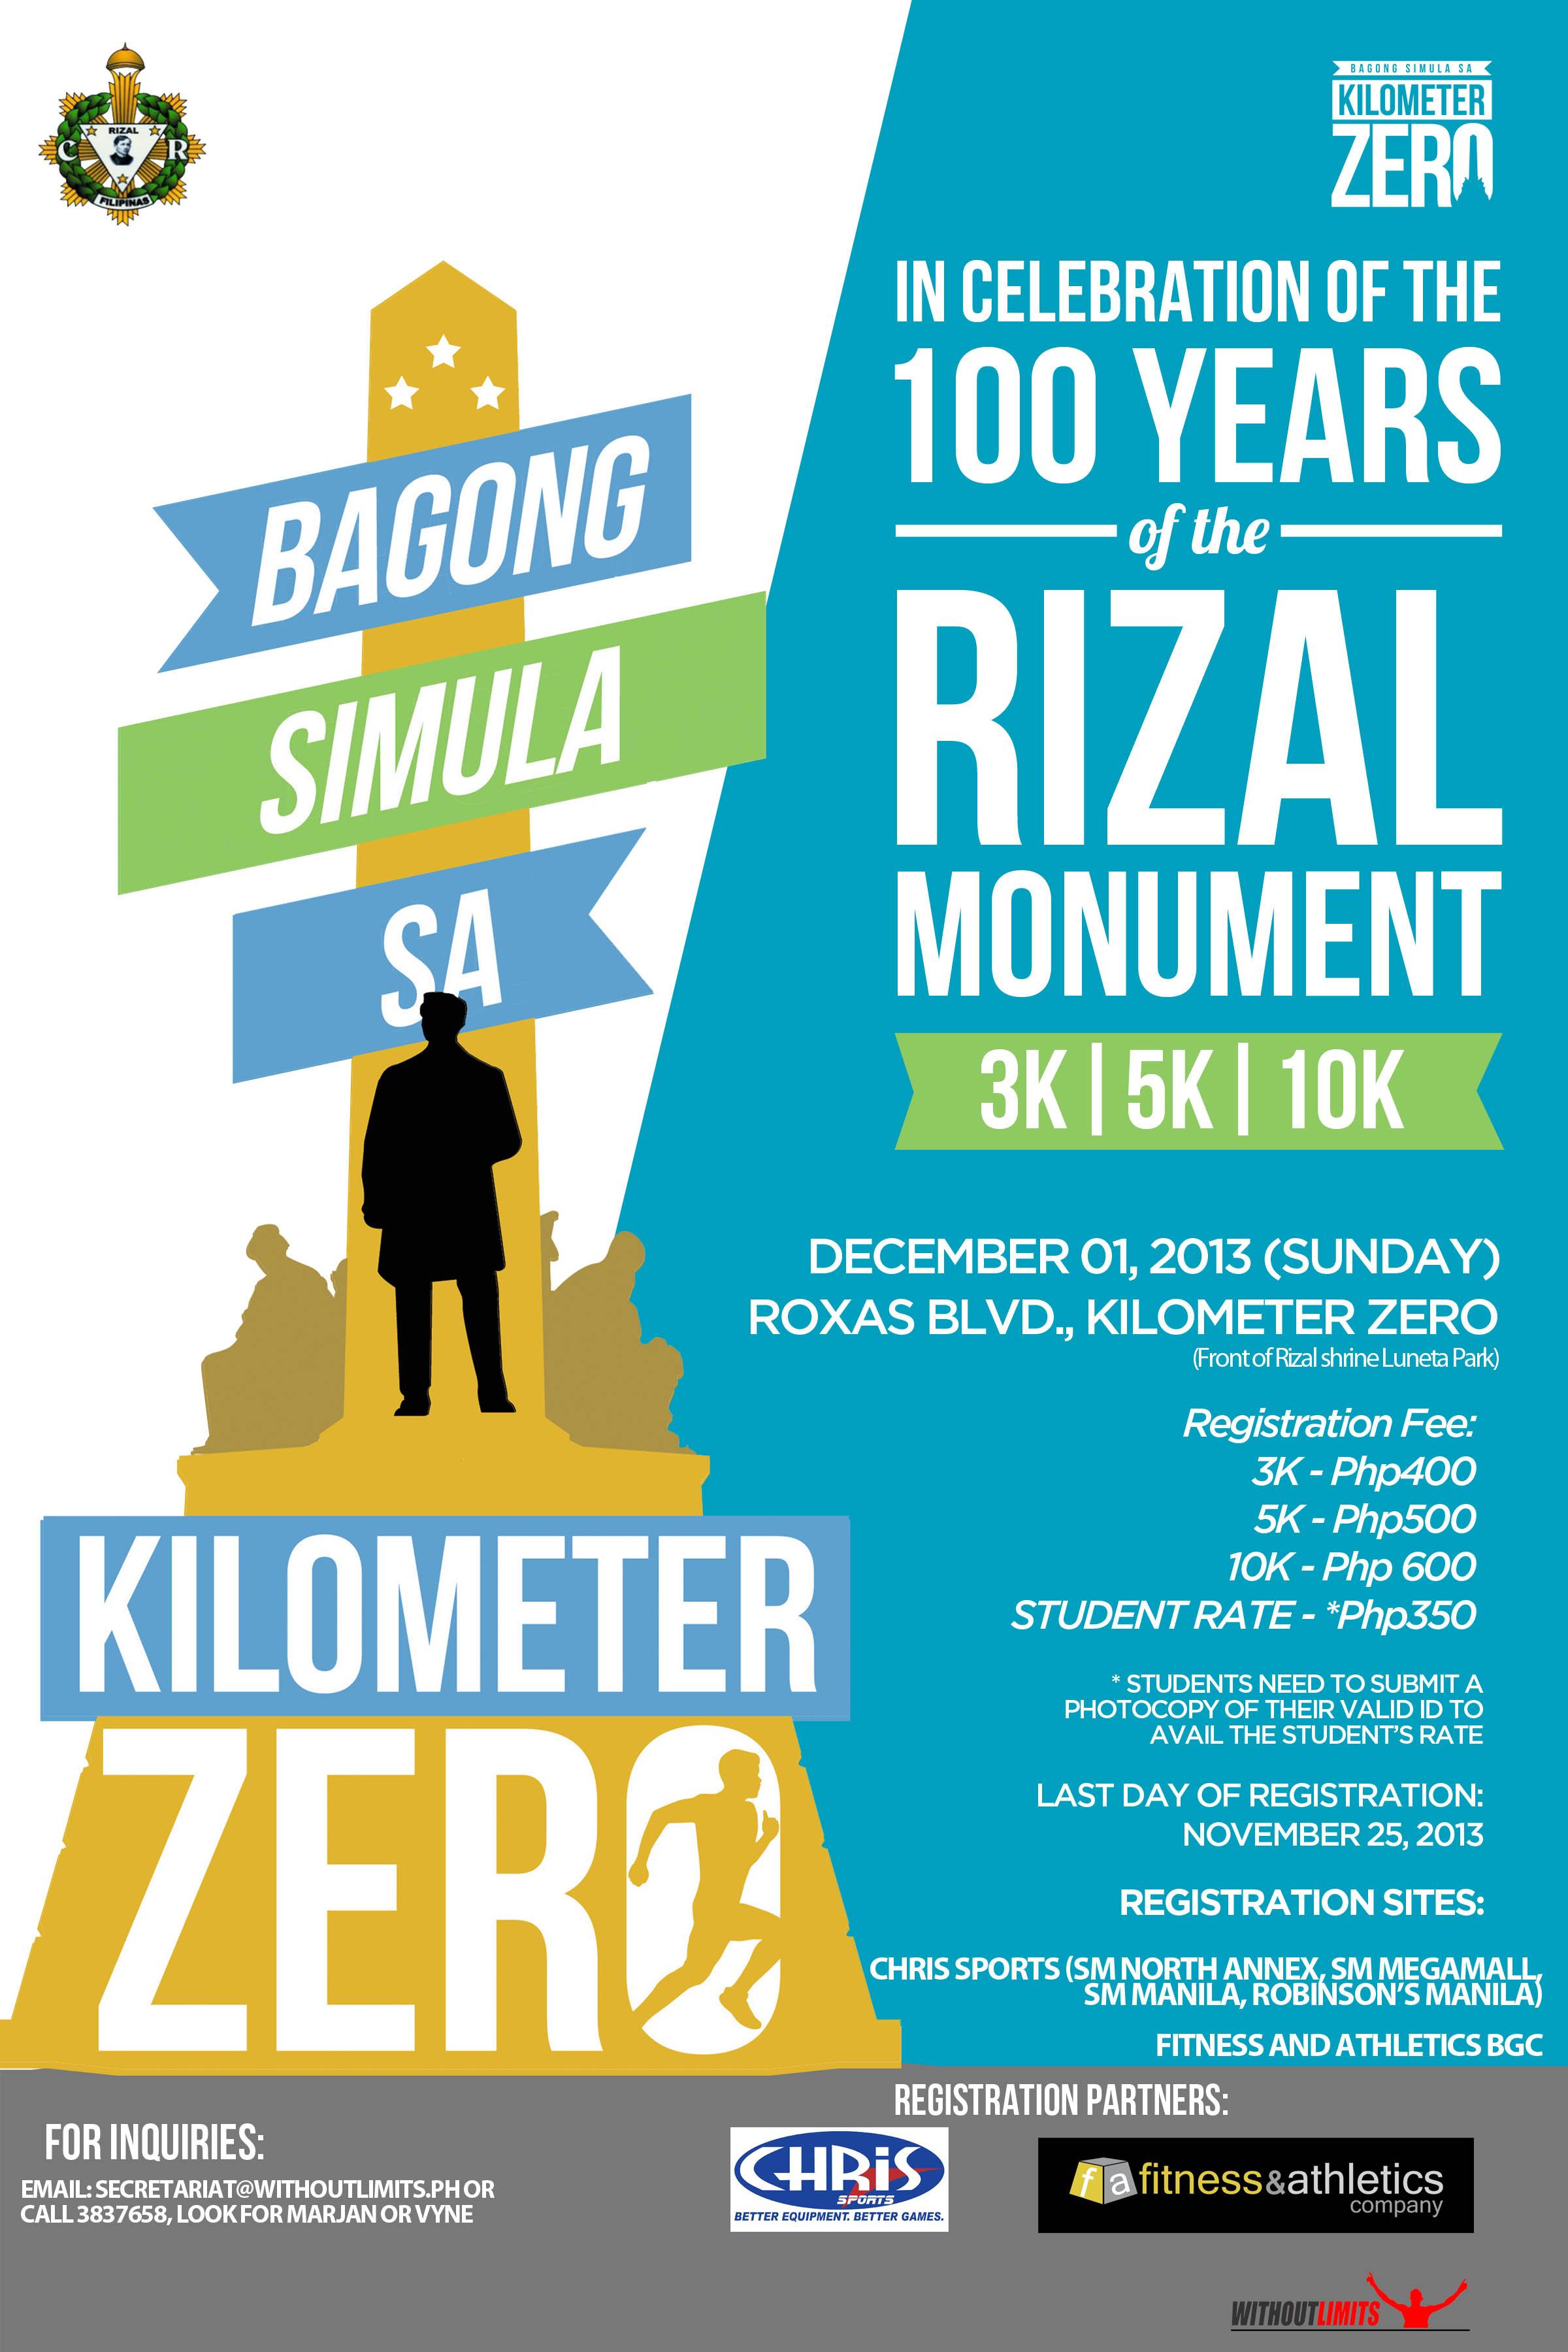 bagong-simula-sa-kilometer-zero-2013-poster